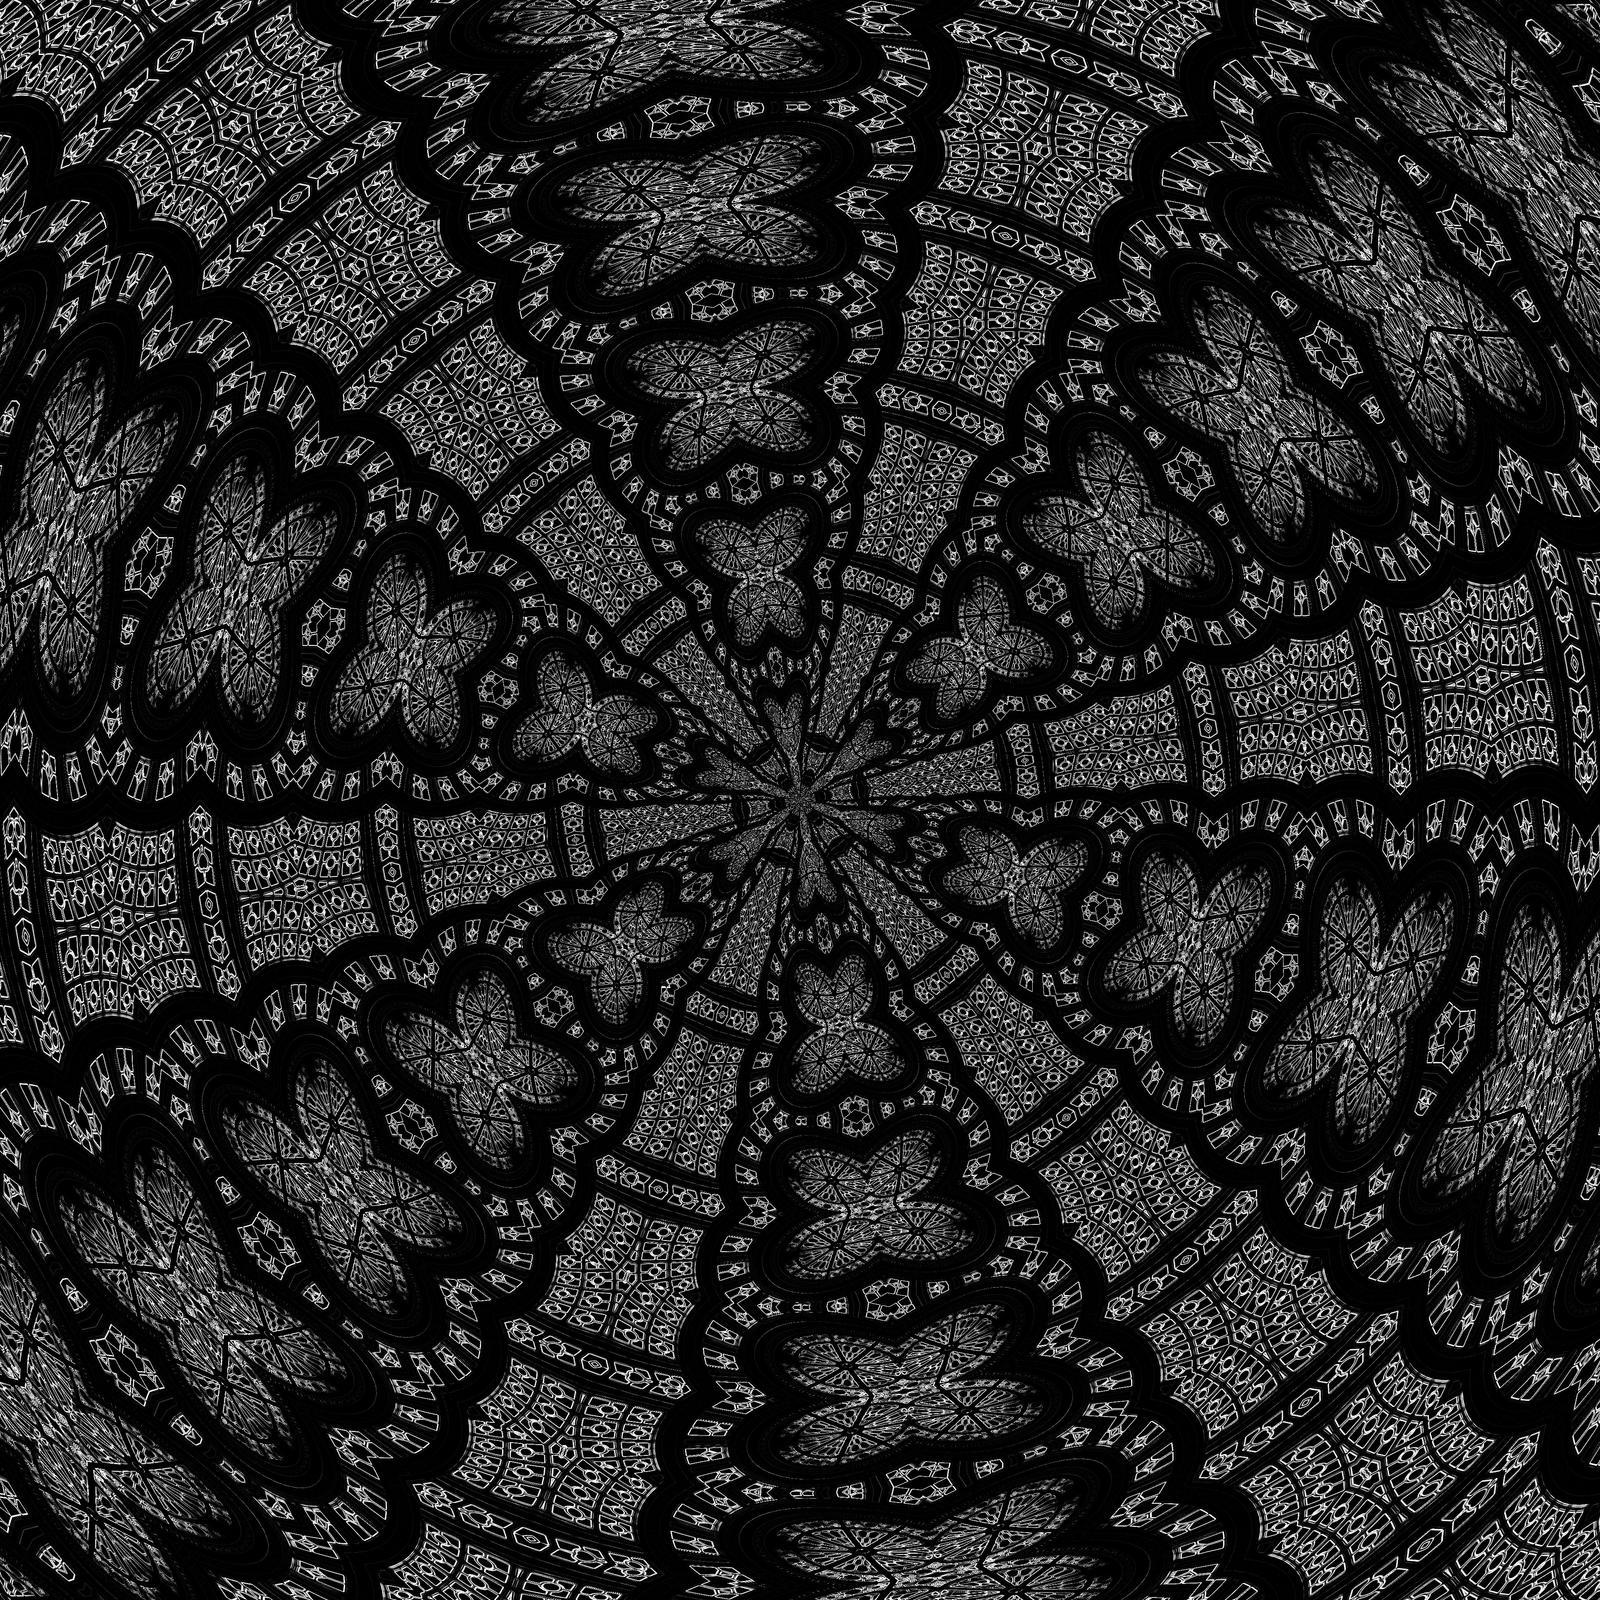 The Black Radiation by Jakeukalane